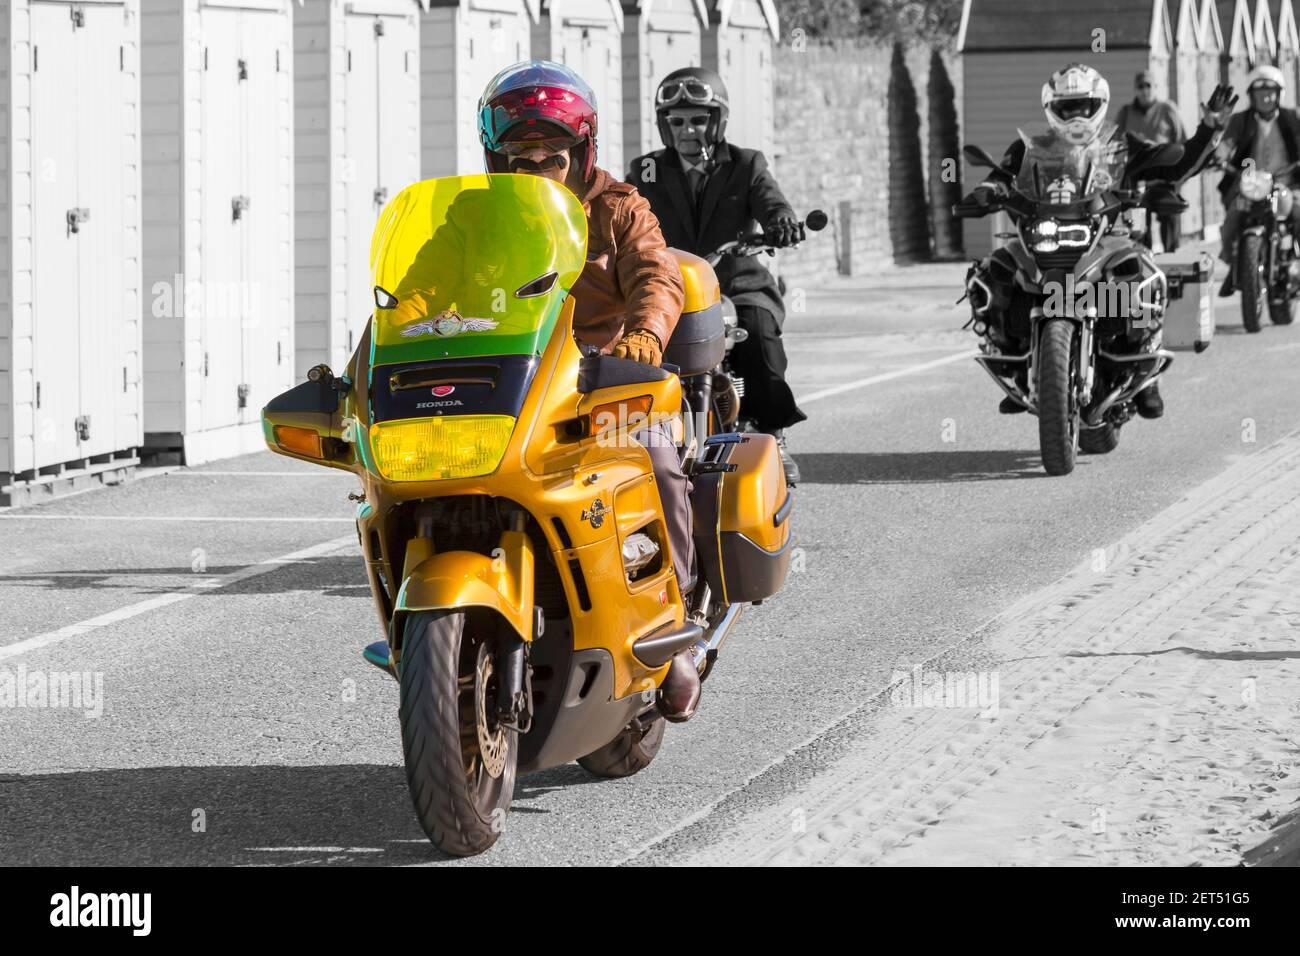 Honda pan European Rider à Bournemouth et Poole Distinguished Gentlemen's Ride à Bournemouth, Dorset UK en septembre Banque D'Images